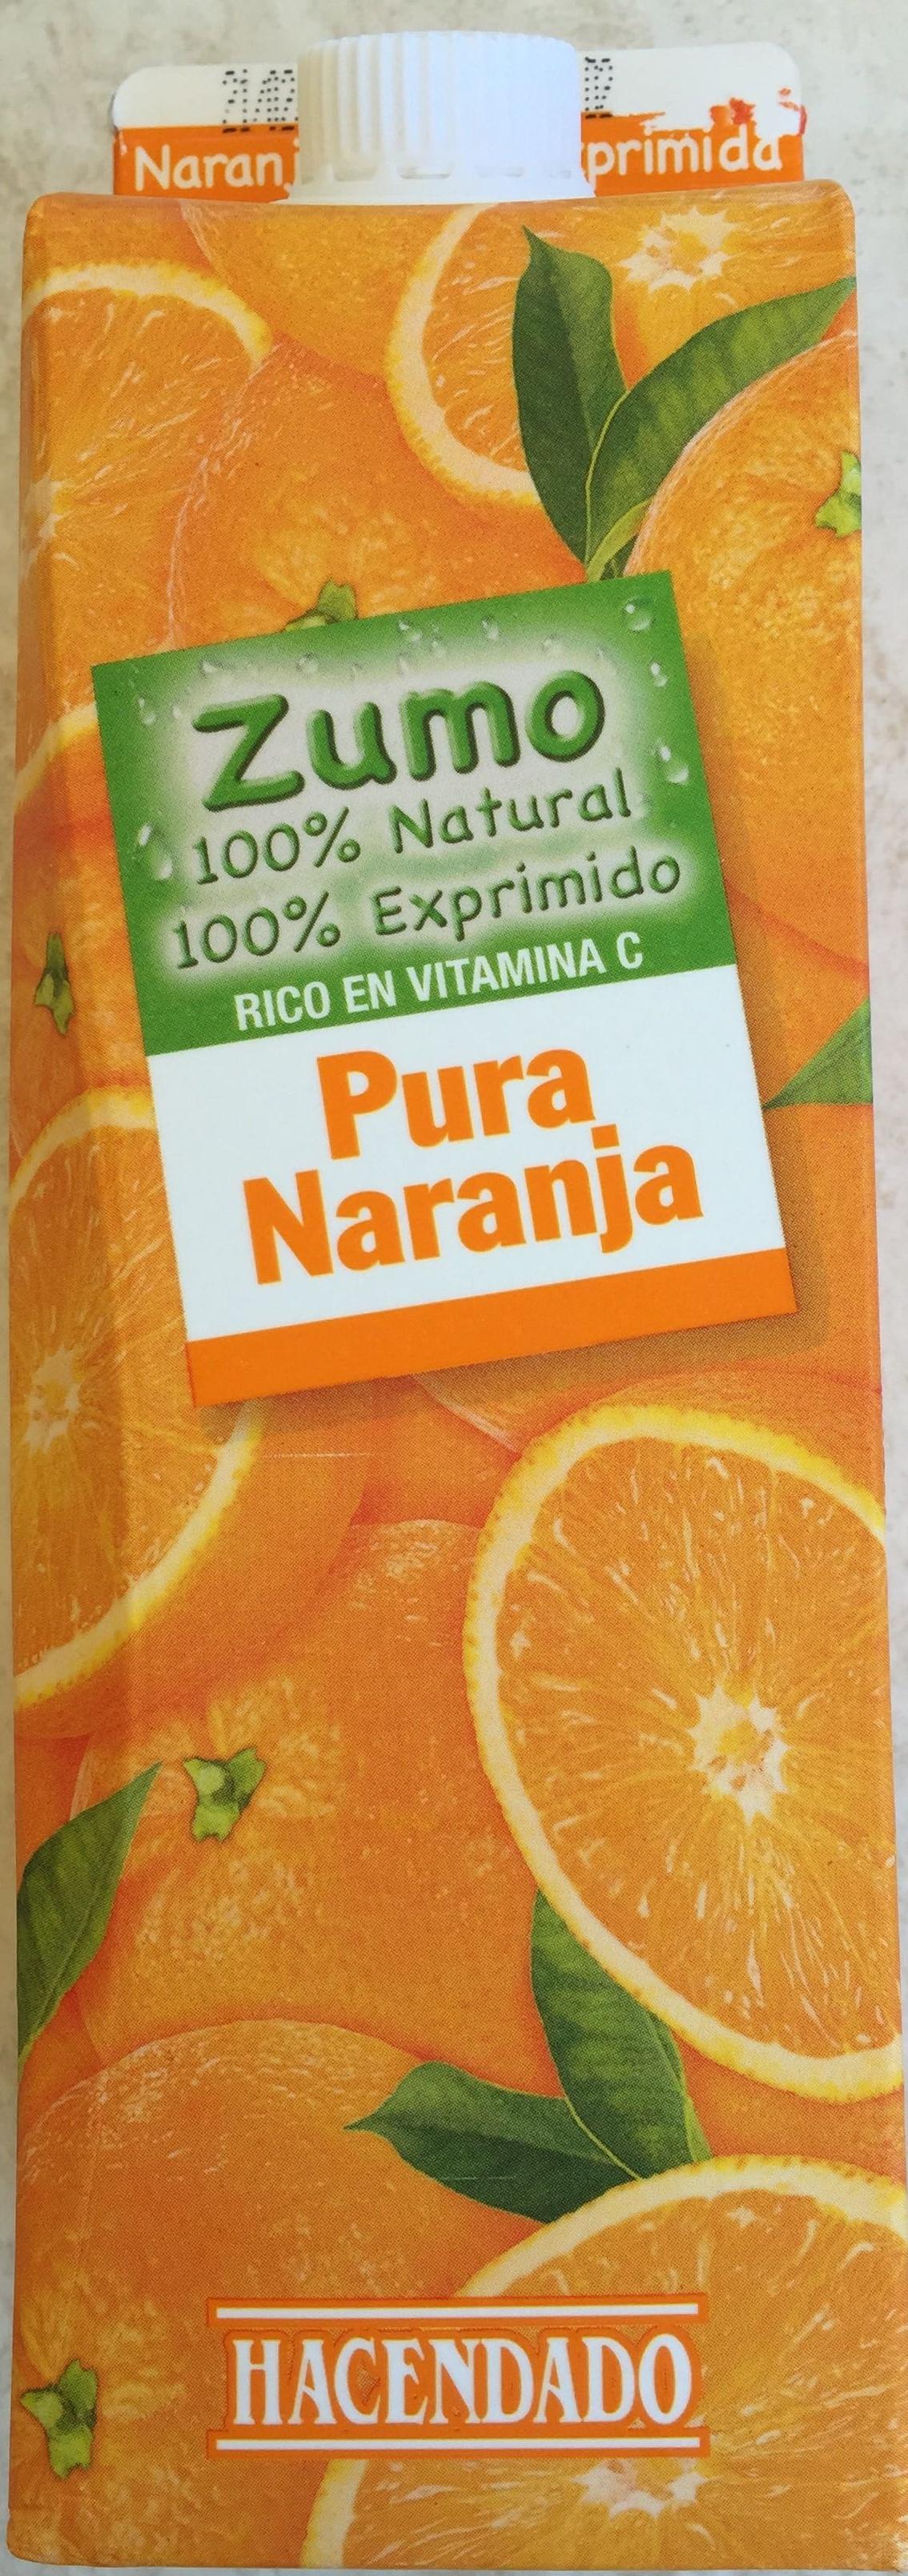 Zumo de naranja 100% exprimido - Producto - es